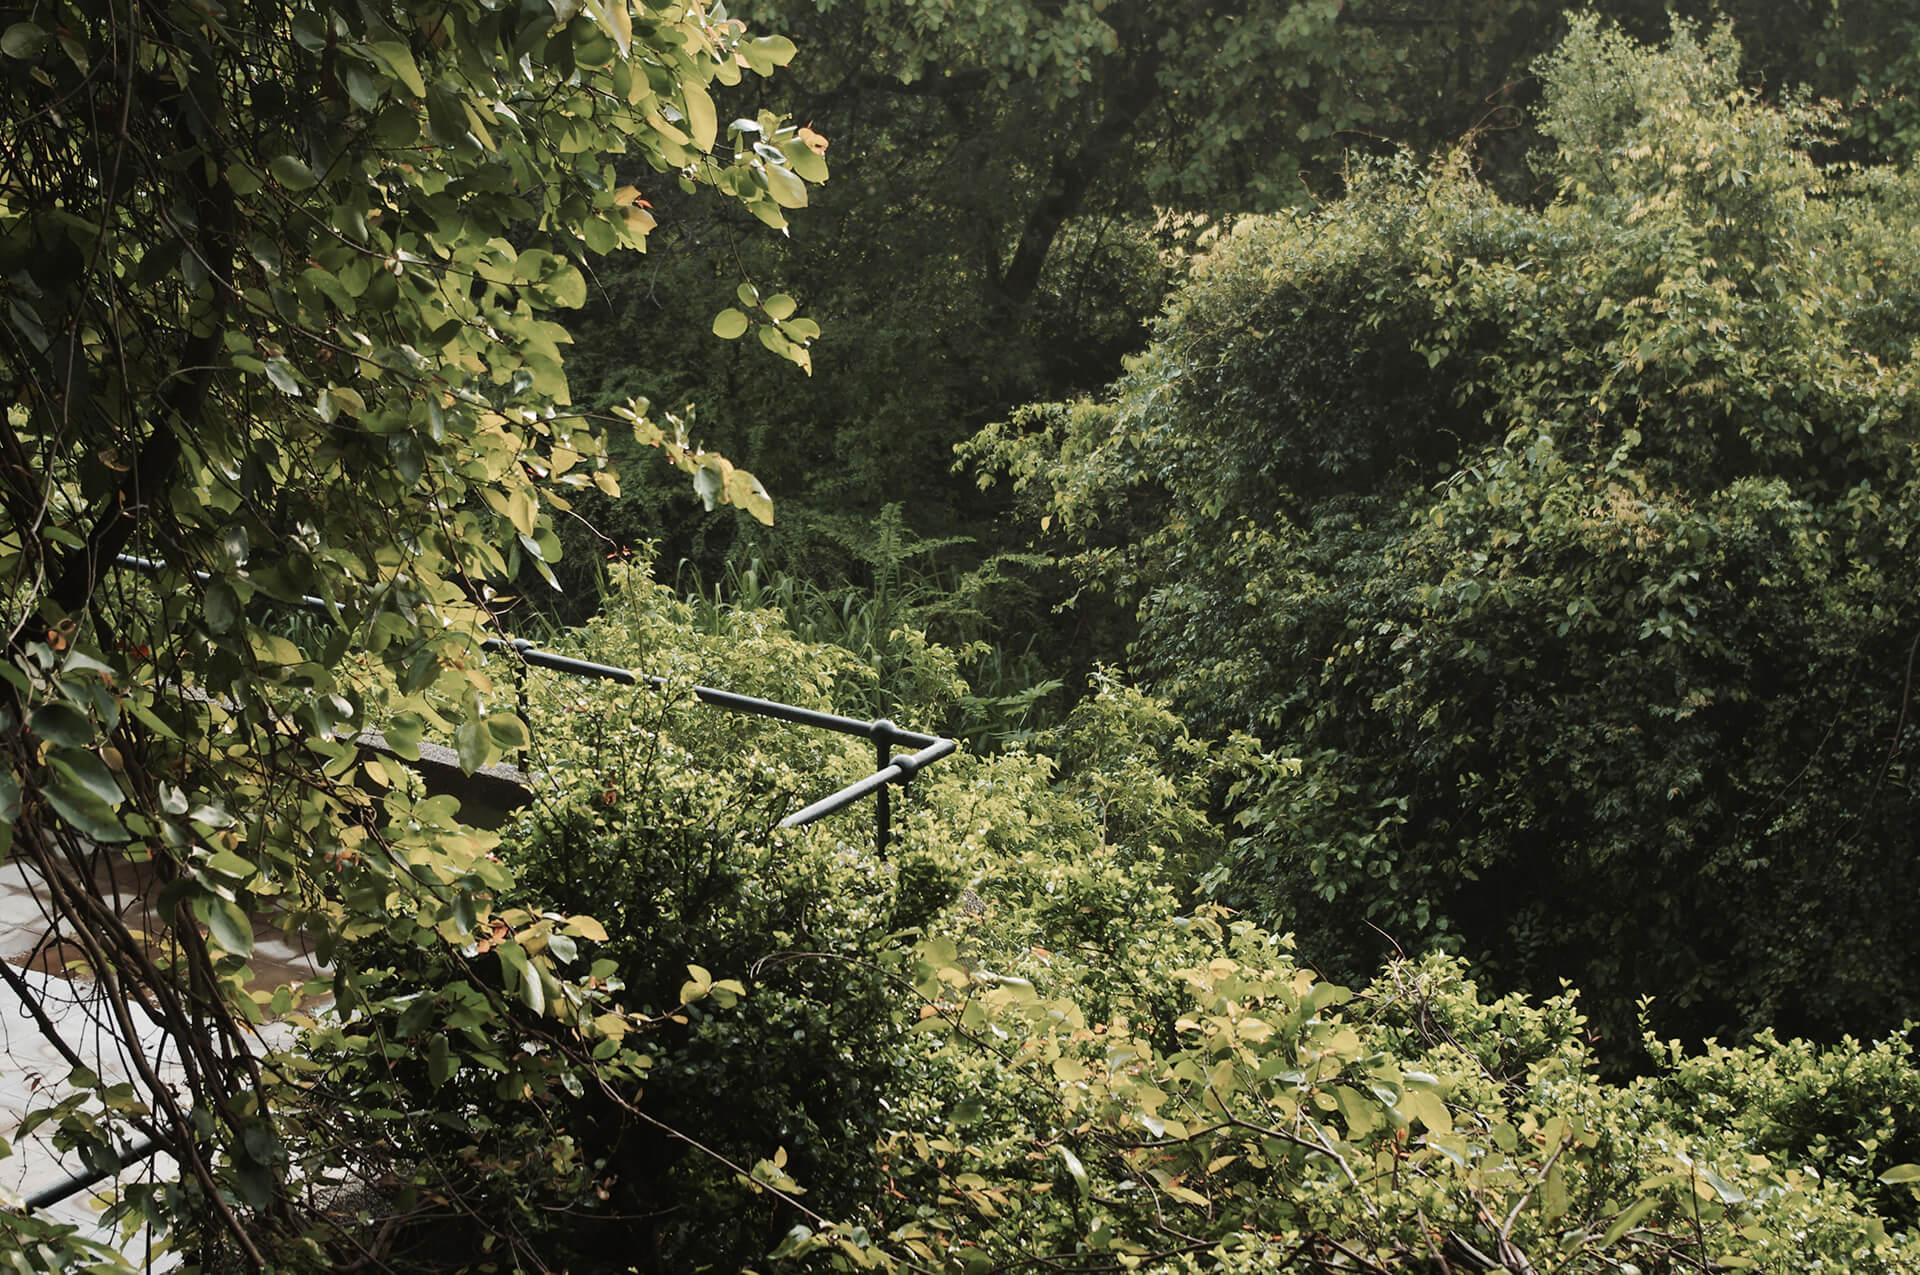 Kandalama balcony hanging into the tropical landscape